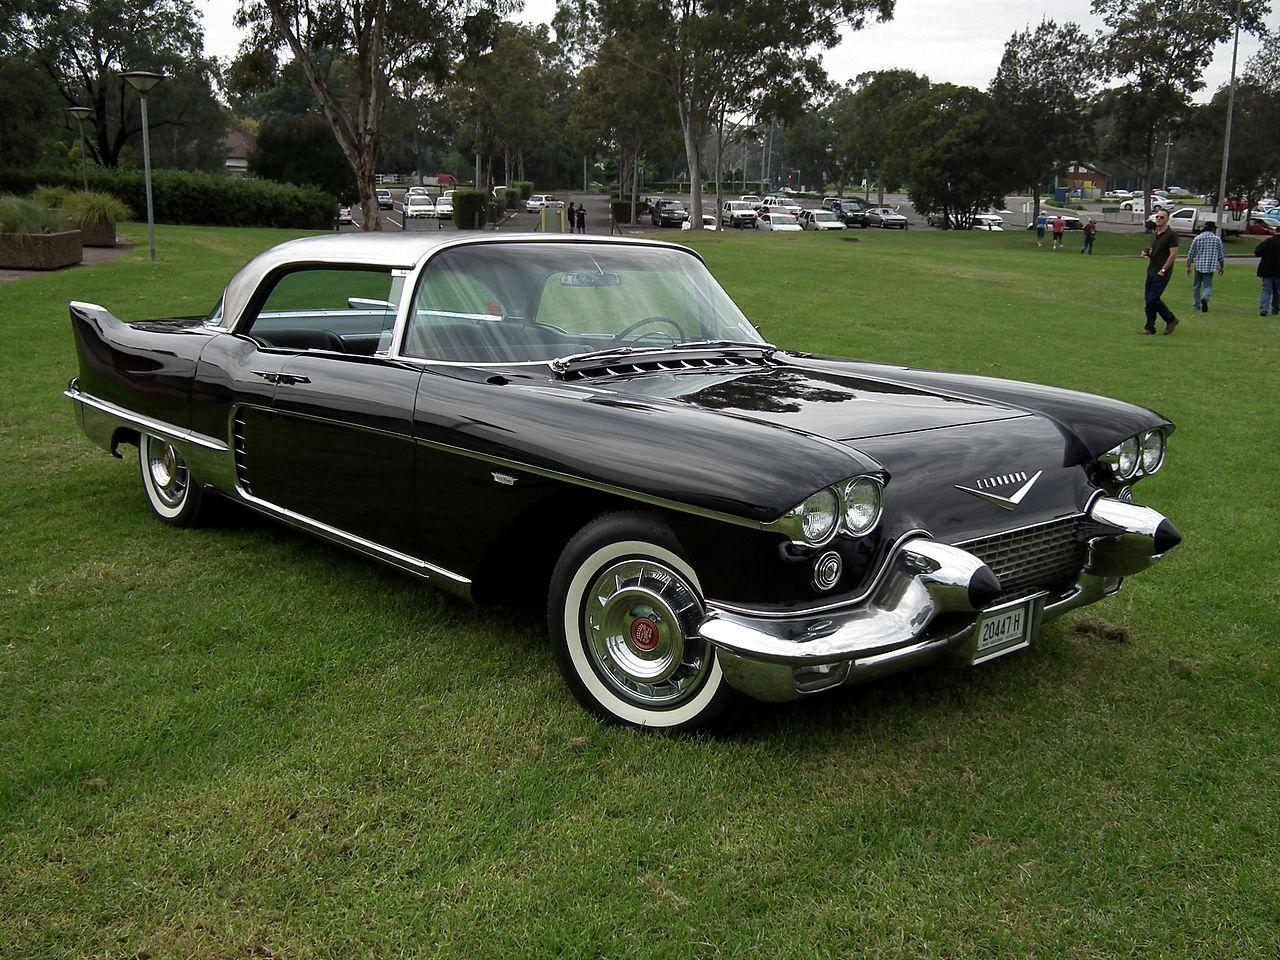 Cadillac Eldorado Wikipedia 1961 El Dorado Brougham 1957